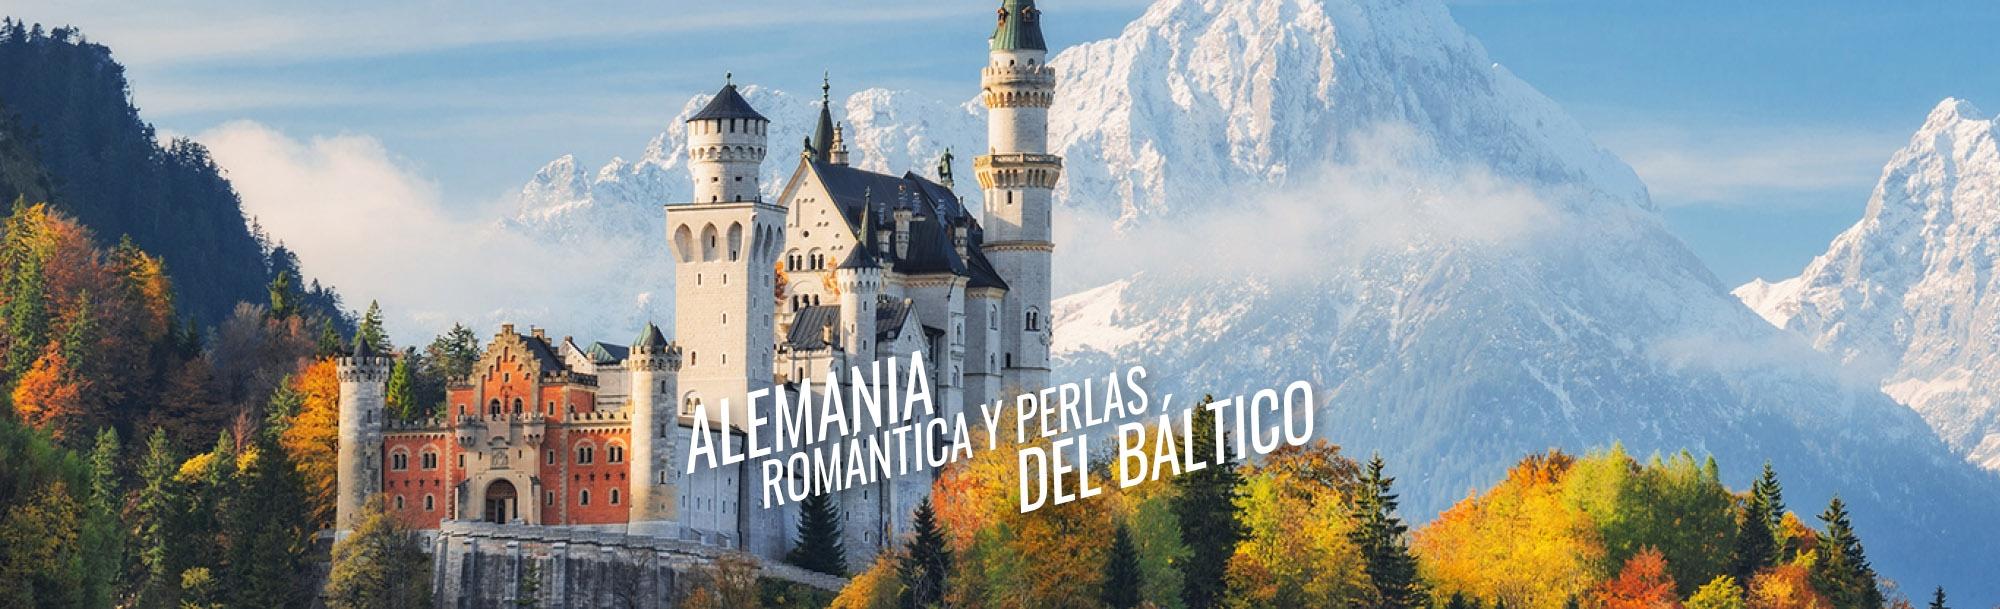 Alemania romántica y perlas del Báltico